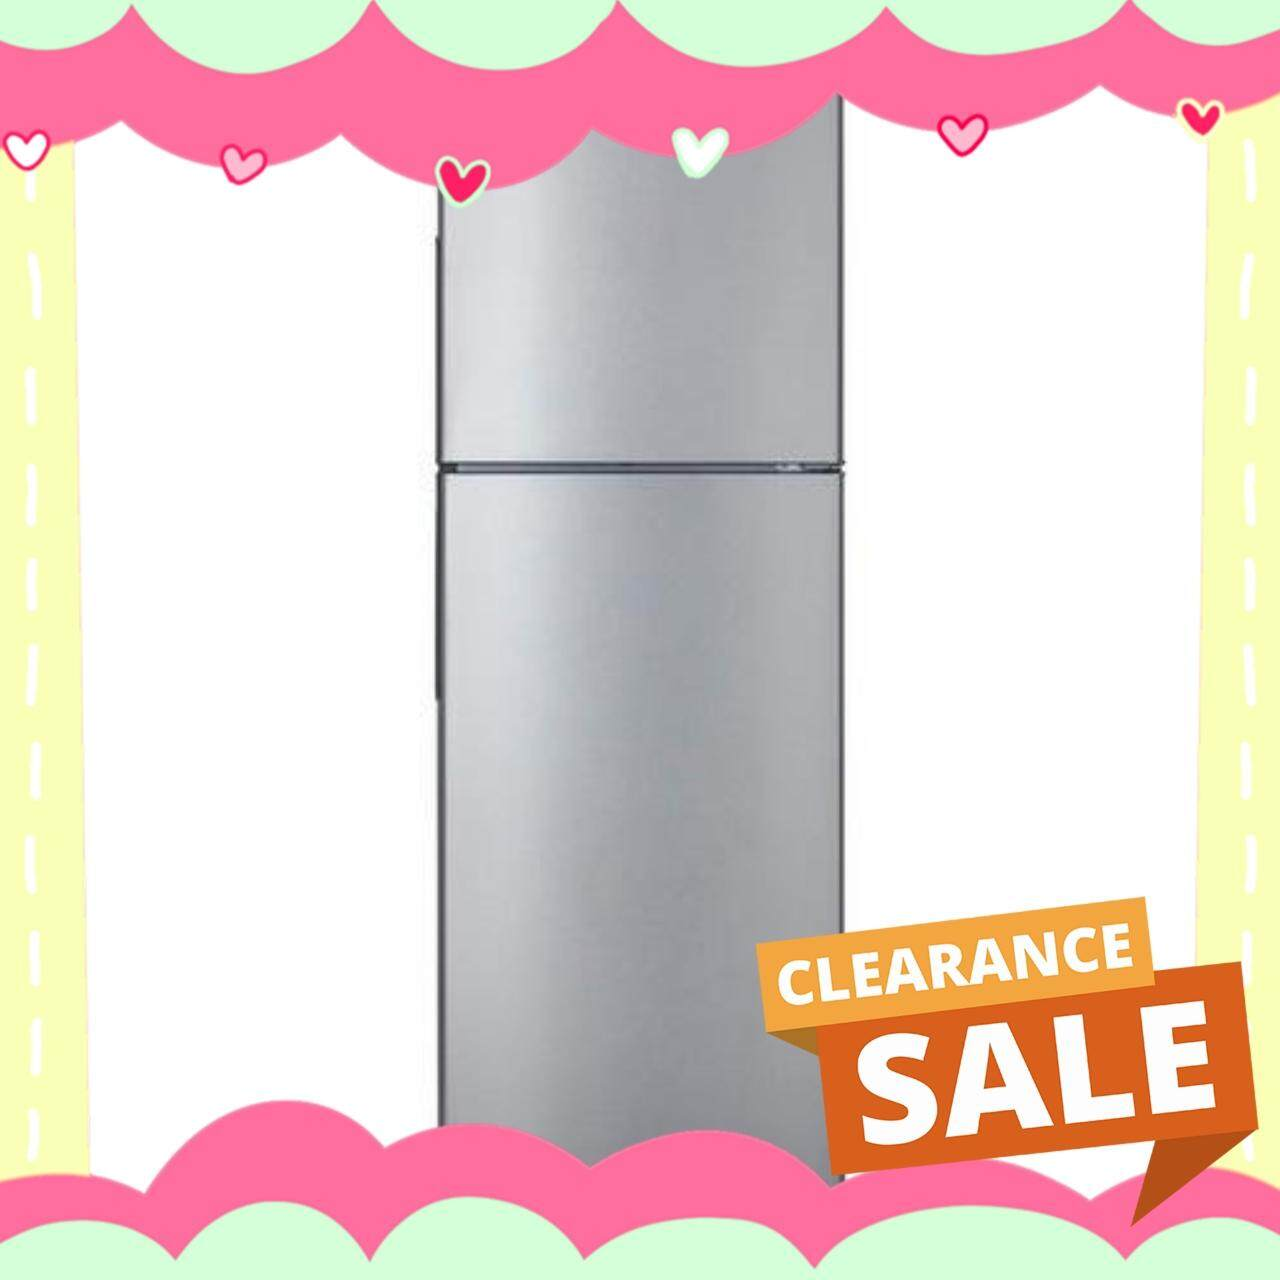 Candycrush ตู้เย็น 2 ประตู SHARP SJ-Y22T-SL 7.9Q เงิน SHARP SJ-Y22T-SL ตู้เย็นเล็ก ตู้เย็นมินิ ตู้เย็น 1 ประตู ตู้เย็นพกพก ตู้เย็นในรถ ตู้เย็นhitachi ตู้เย็นmitsubishi ตู้เย็น ราคา ตู้ เย็น ตู้ เย็น เล็ก ตู้ เย็น ราคา ตู้ แช่ แข็ง ตู้ เย็น ราคา ถู